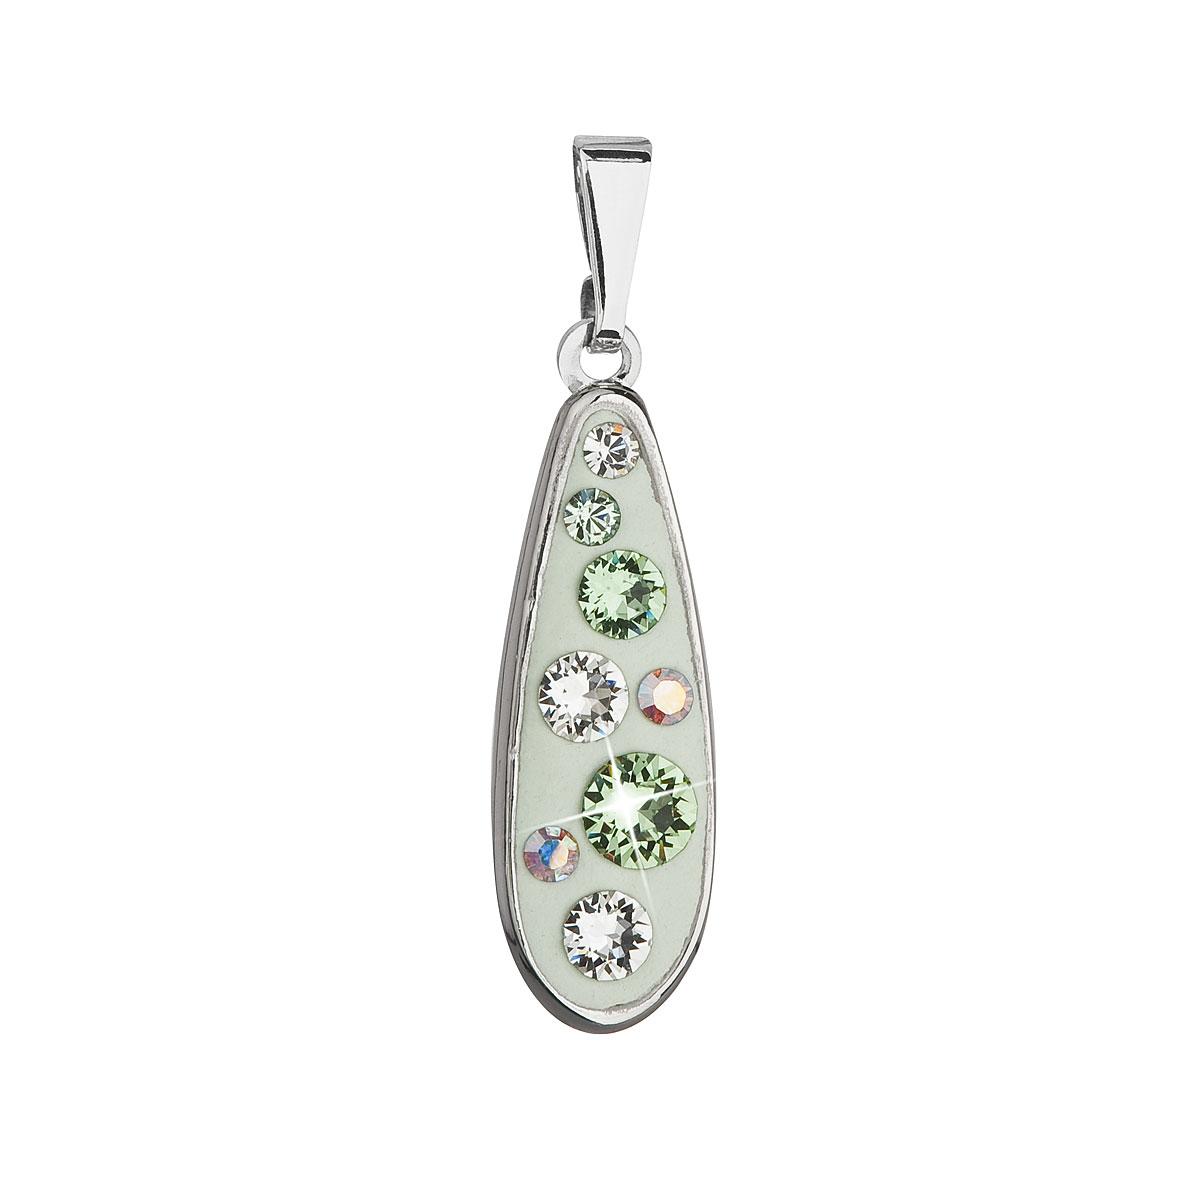 Přívěsek bižuterie se Swarovski krystaly zelená kapka 54025.3